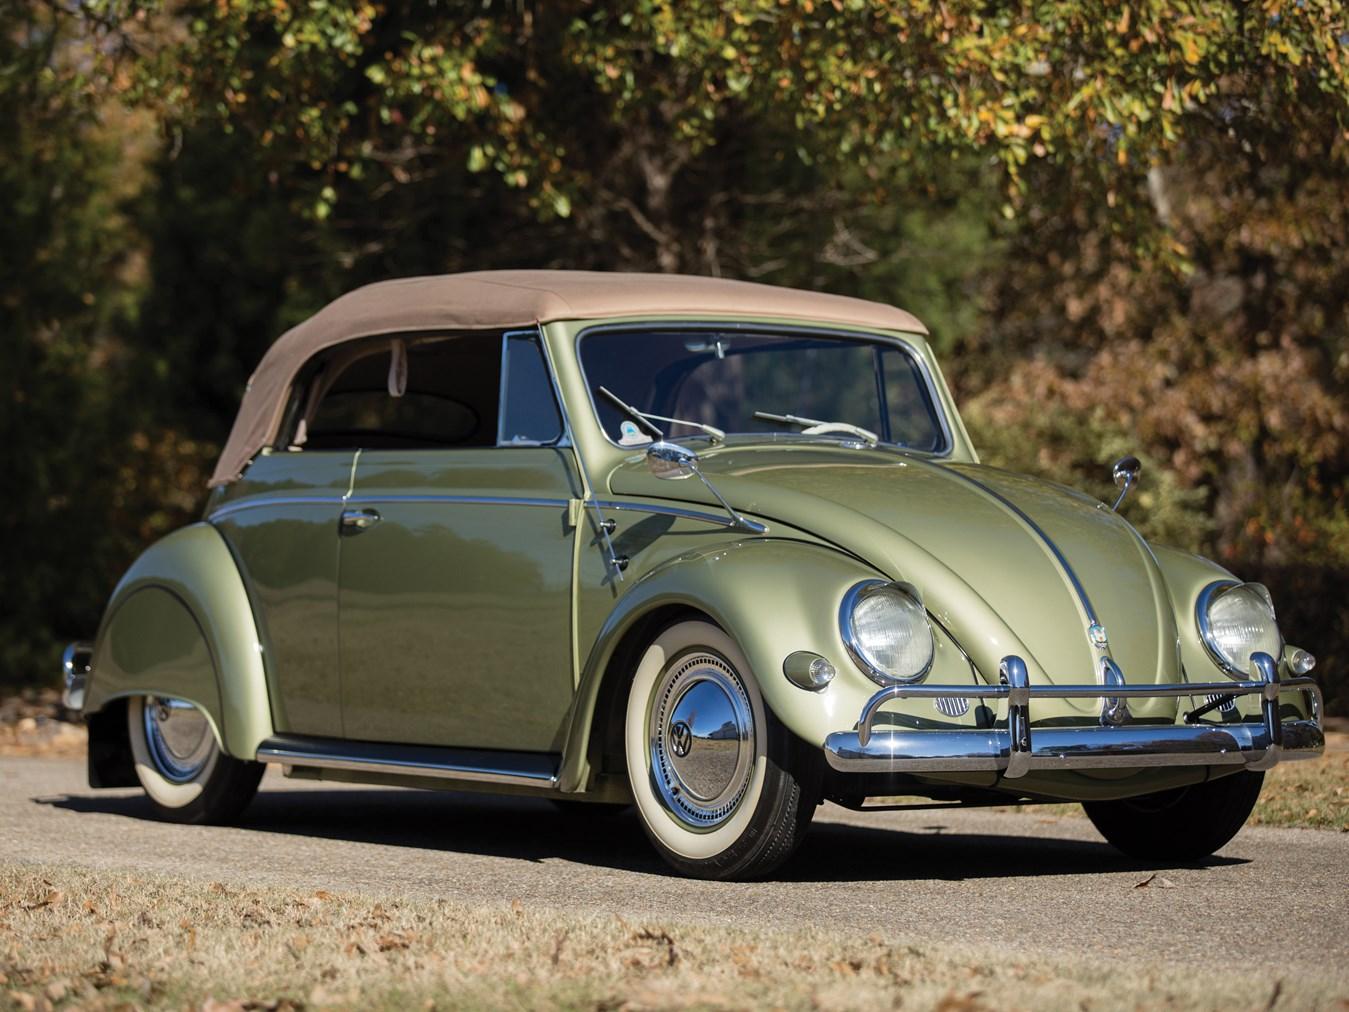 1956 Volkswagen Beetle Convertible